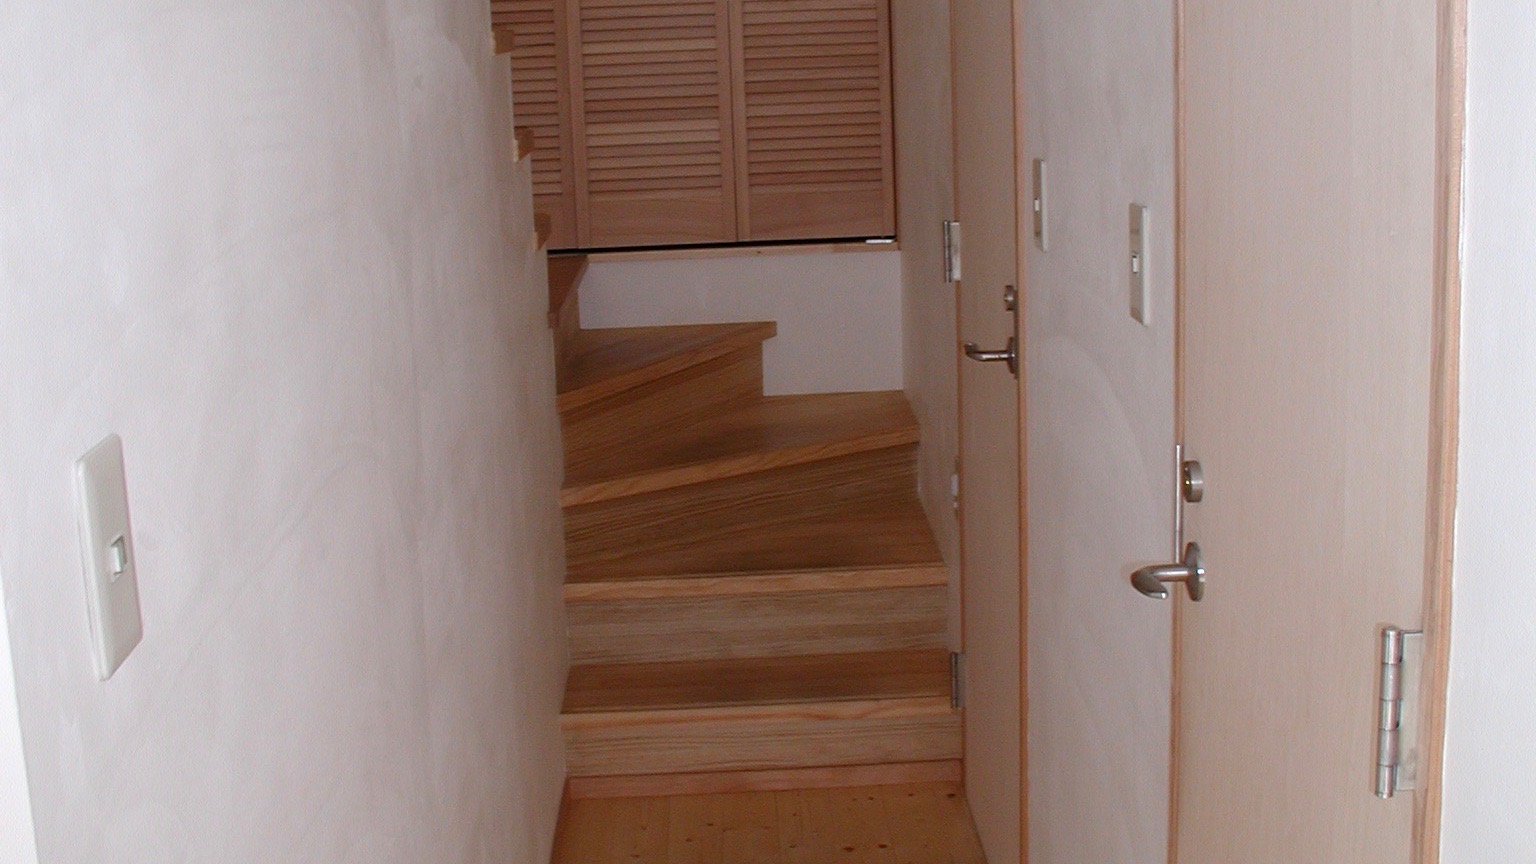 廊下に並ぶドアアイキャッチ用